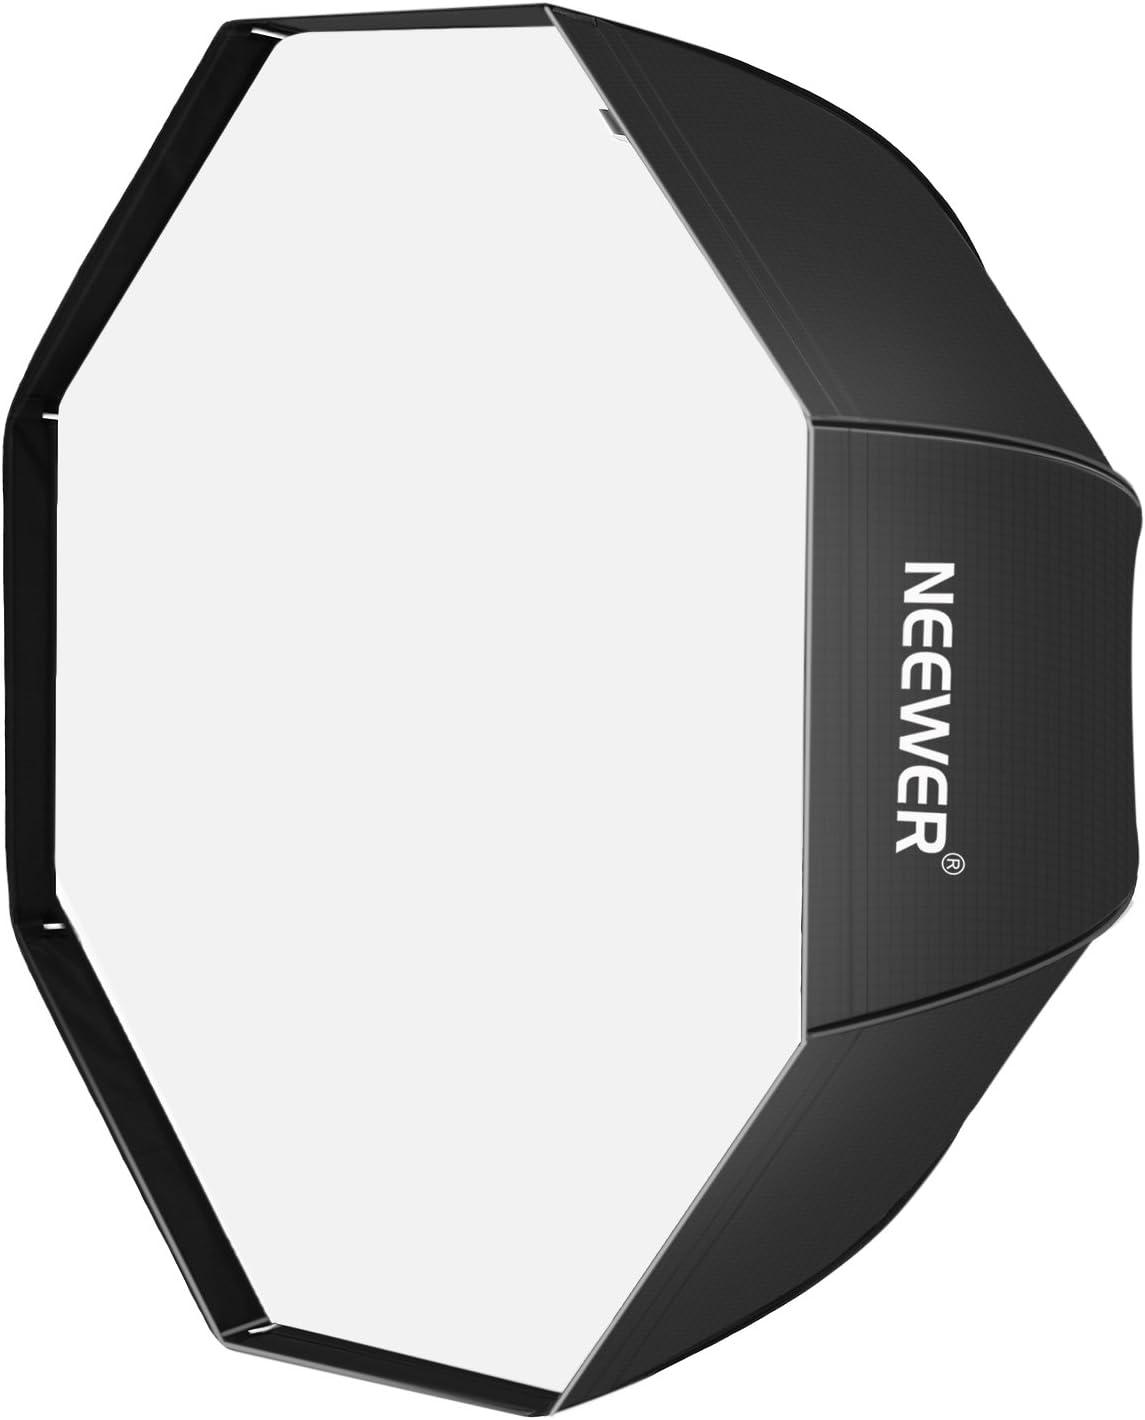 Neewer 32 80cm Octagonal Schirm Softbox Für Kamera